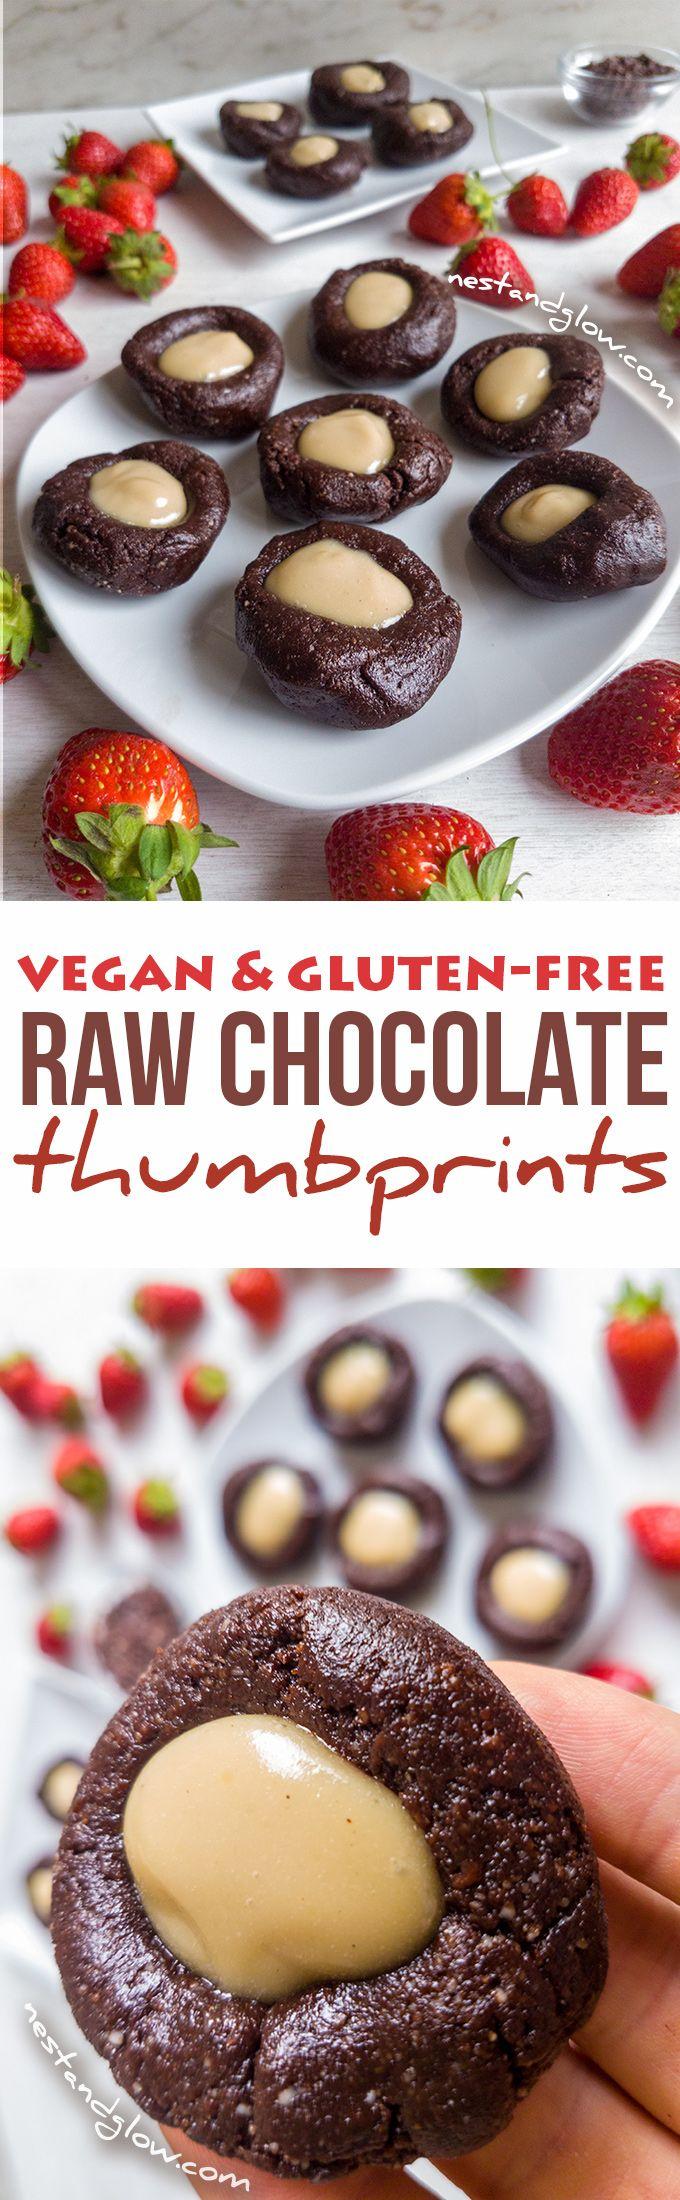 Raw Chocolate CashewThumbprints via @nestandglow